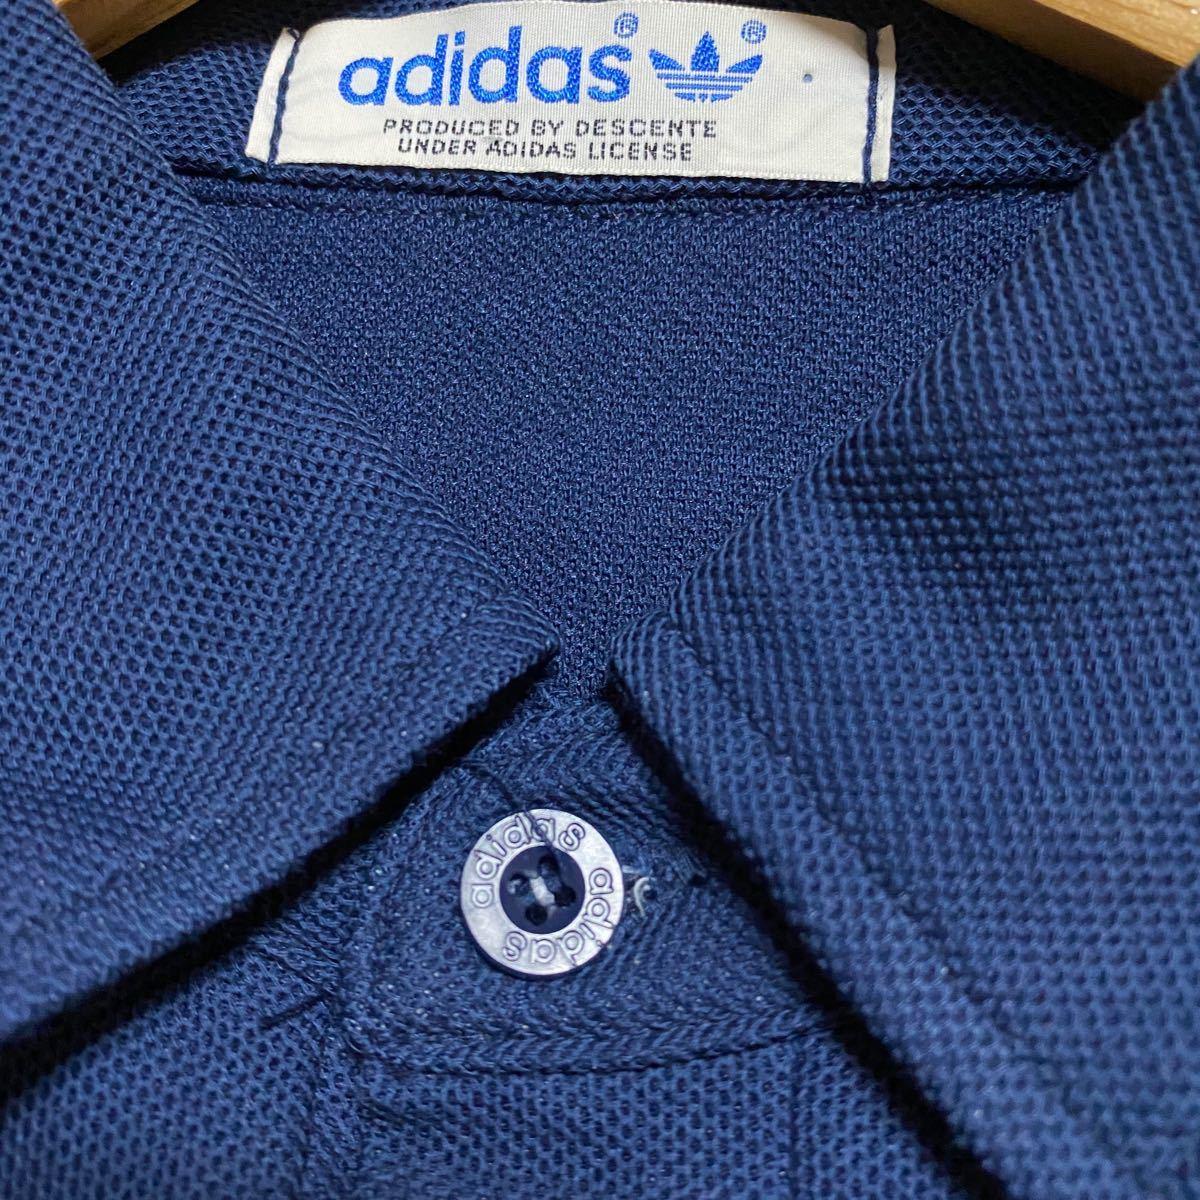 adidas アディダス 80s  ポロシャツ デサント 製 トレフォイル